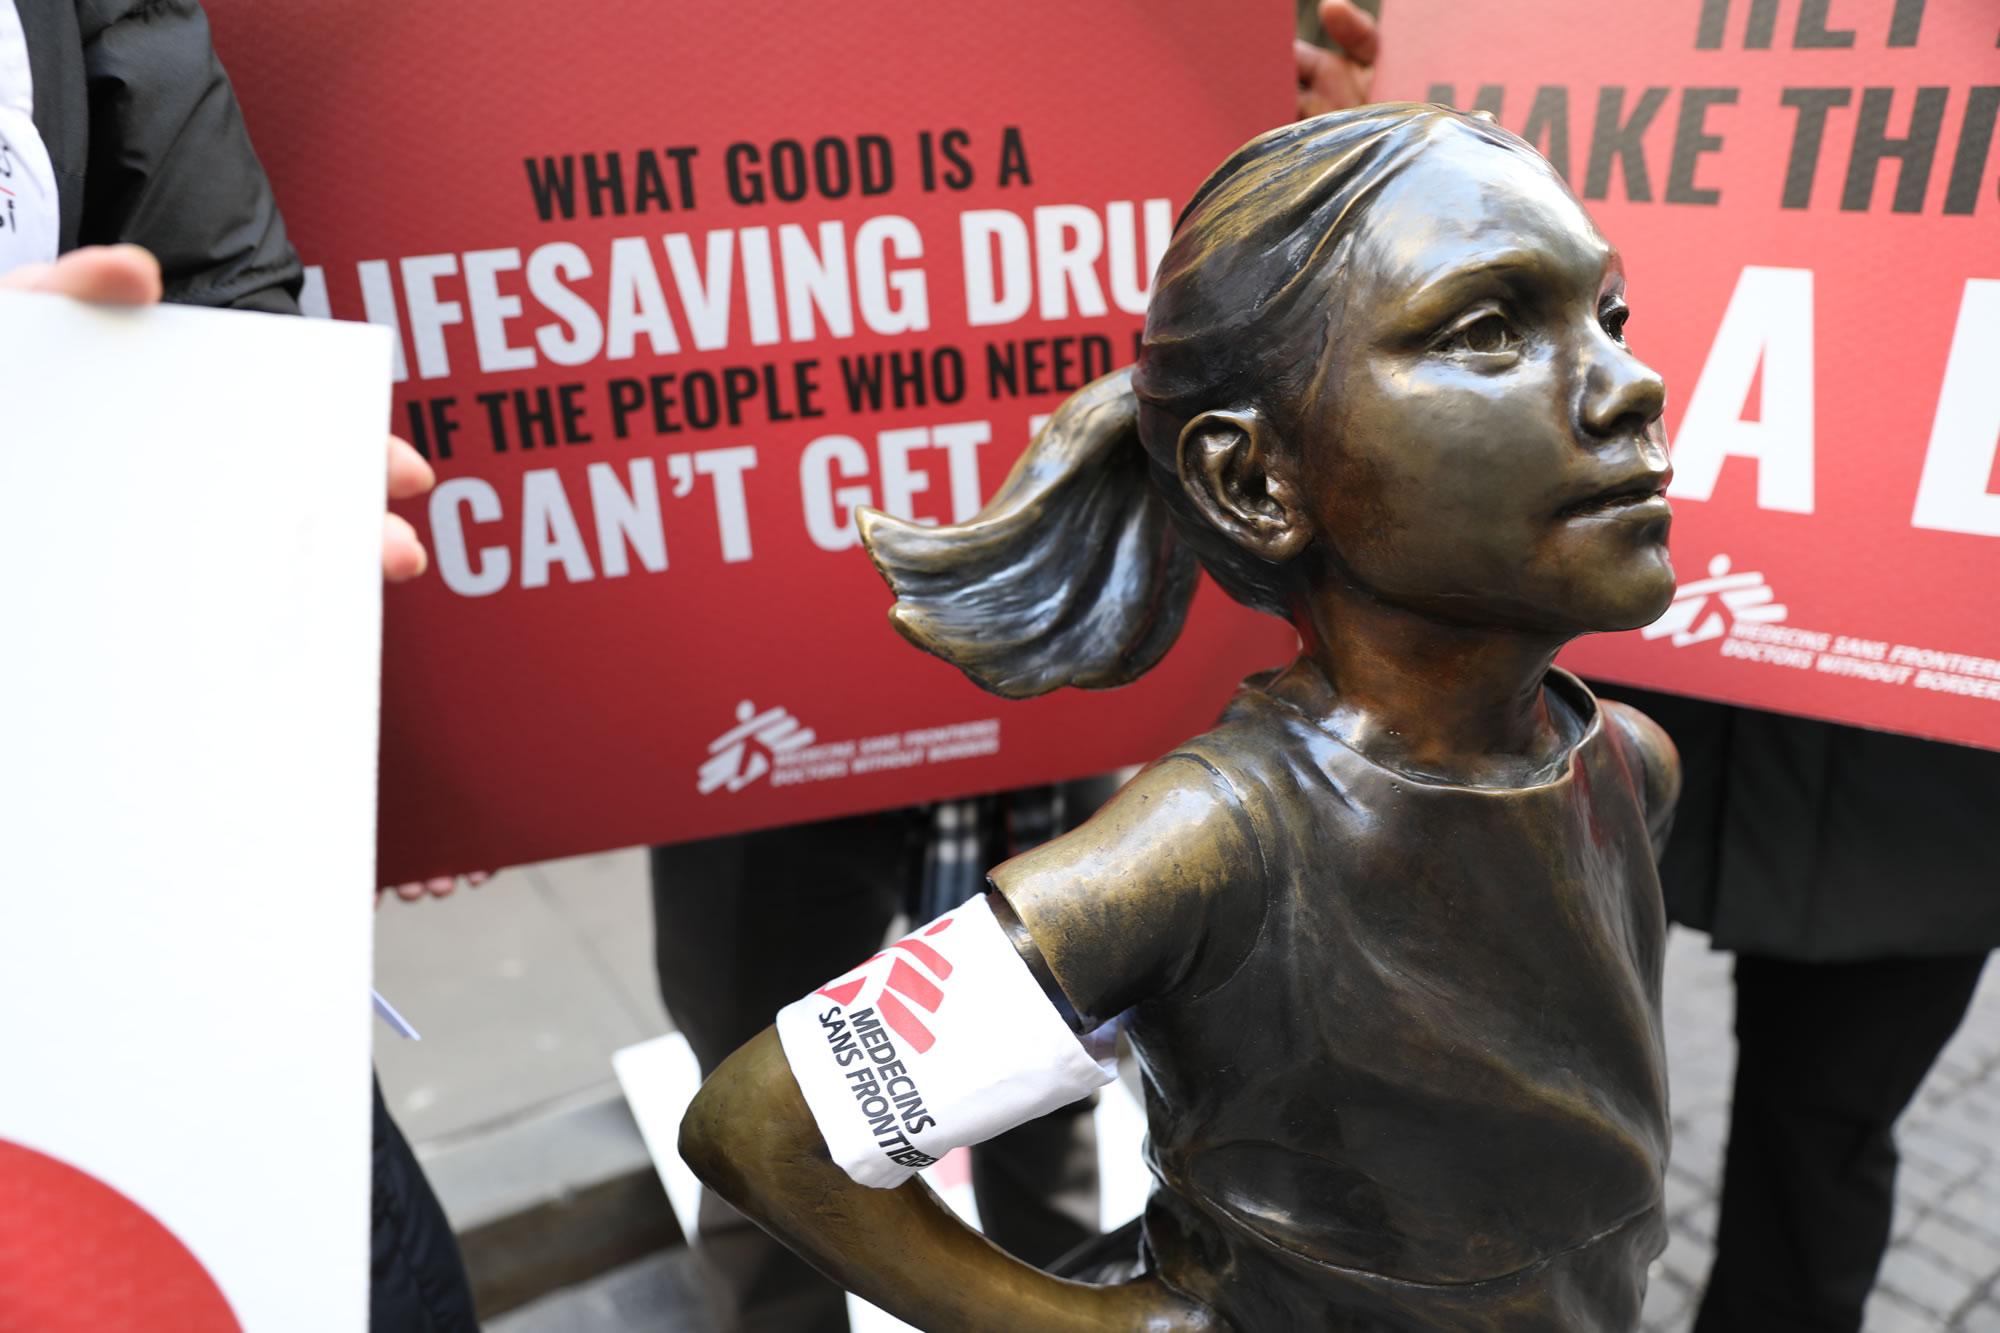 2020年1月在紐約的抗議行動,要求嬌生將結核病藥物降至合理價格。